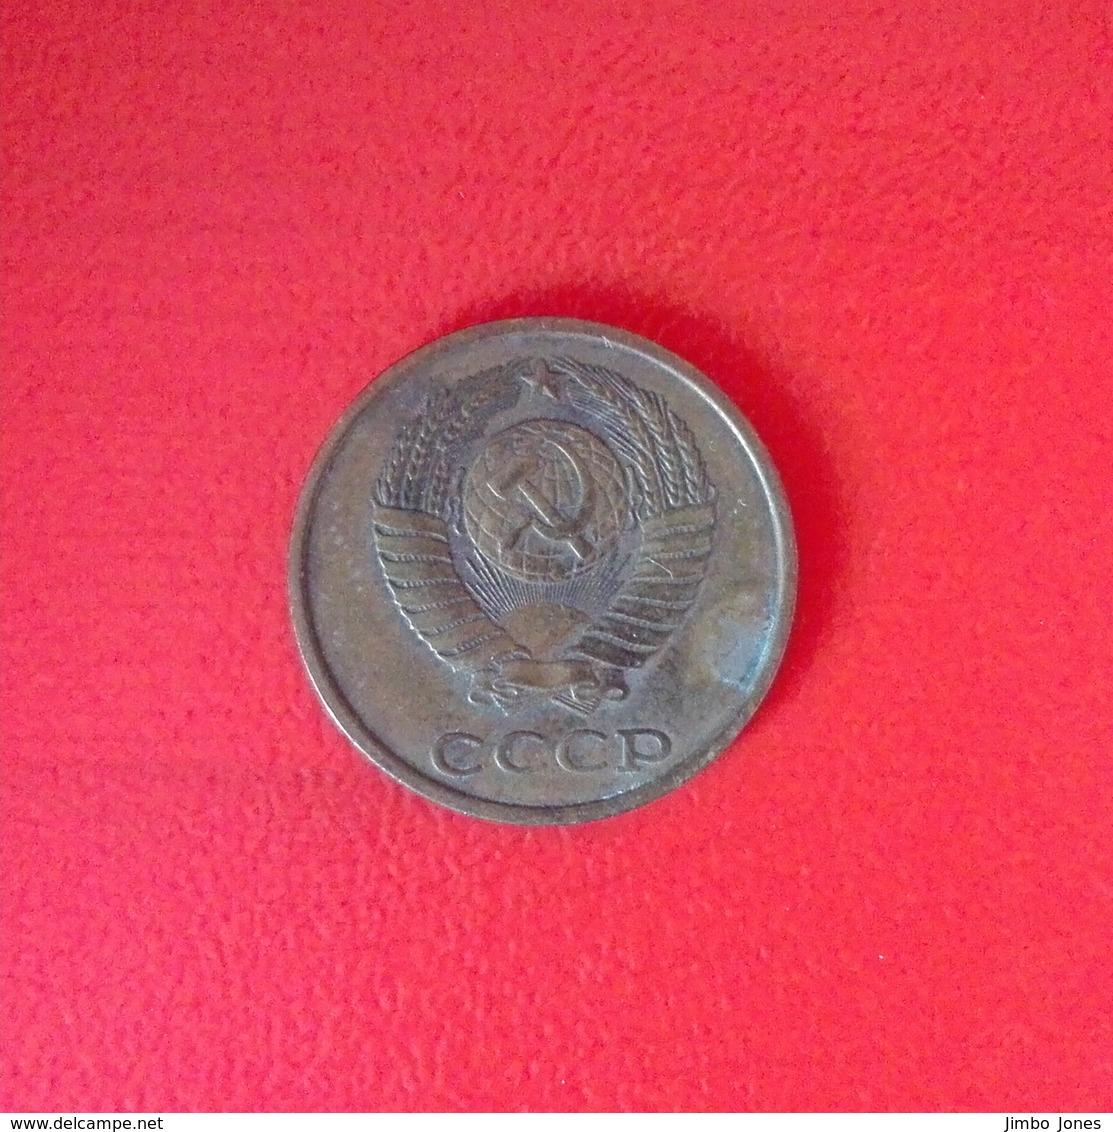 2 Kopeken Münze Aus Der Sowjetunion Von 1980 (sehr Schön) - Russland